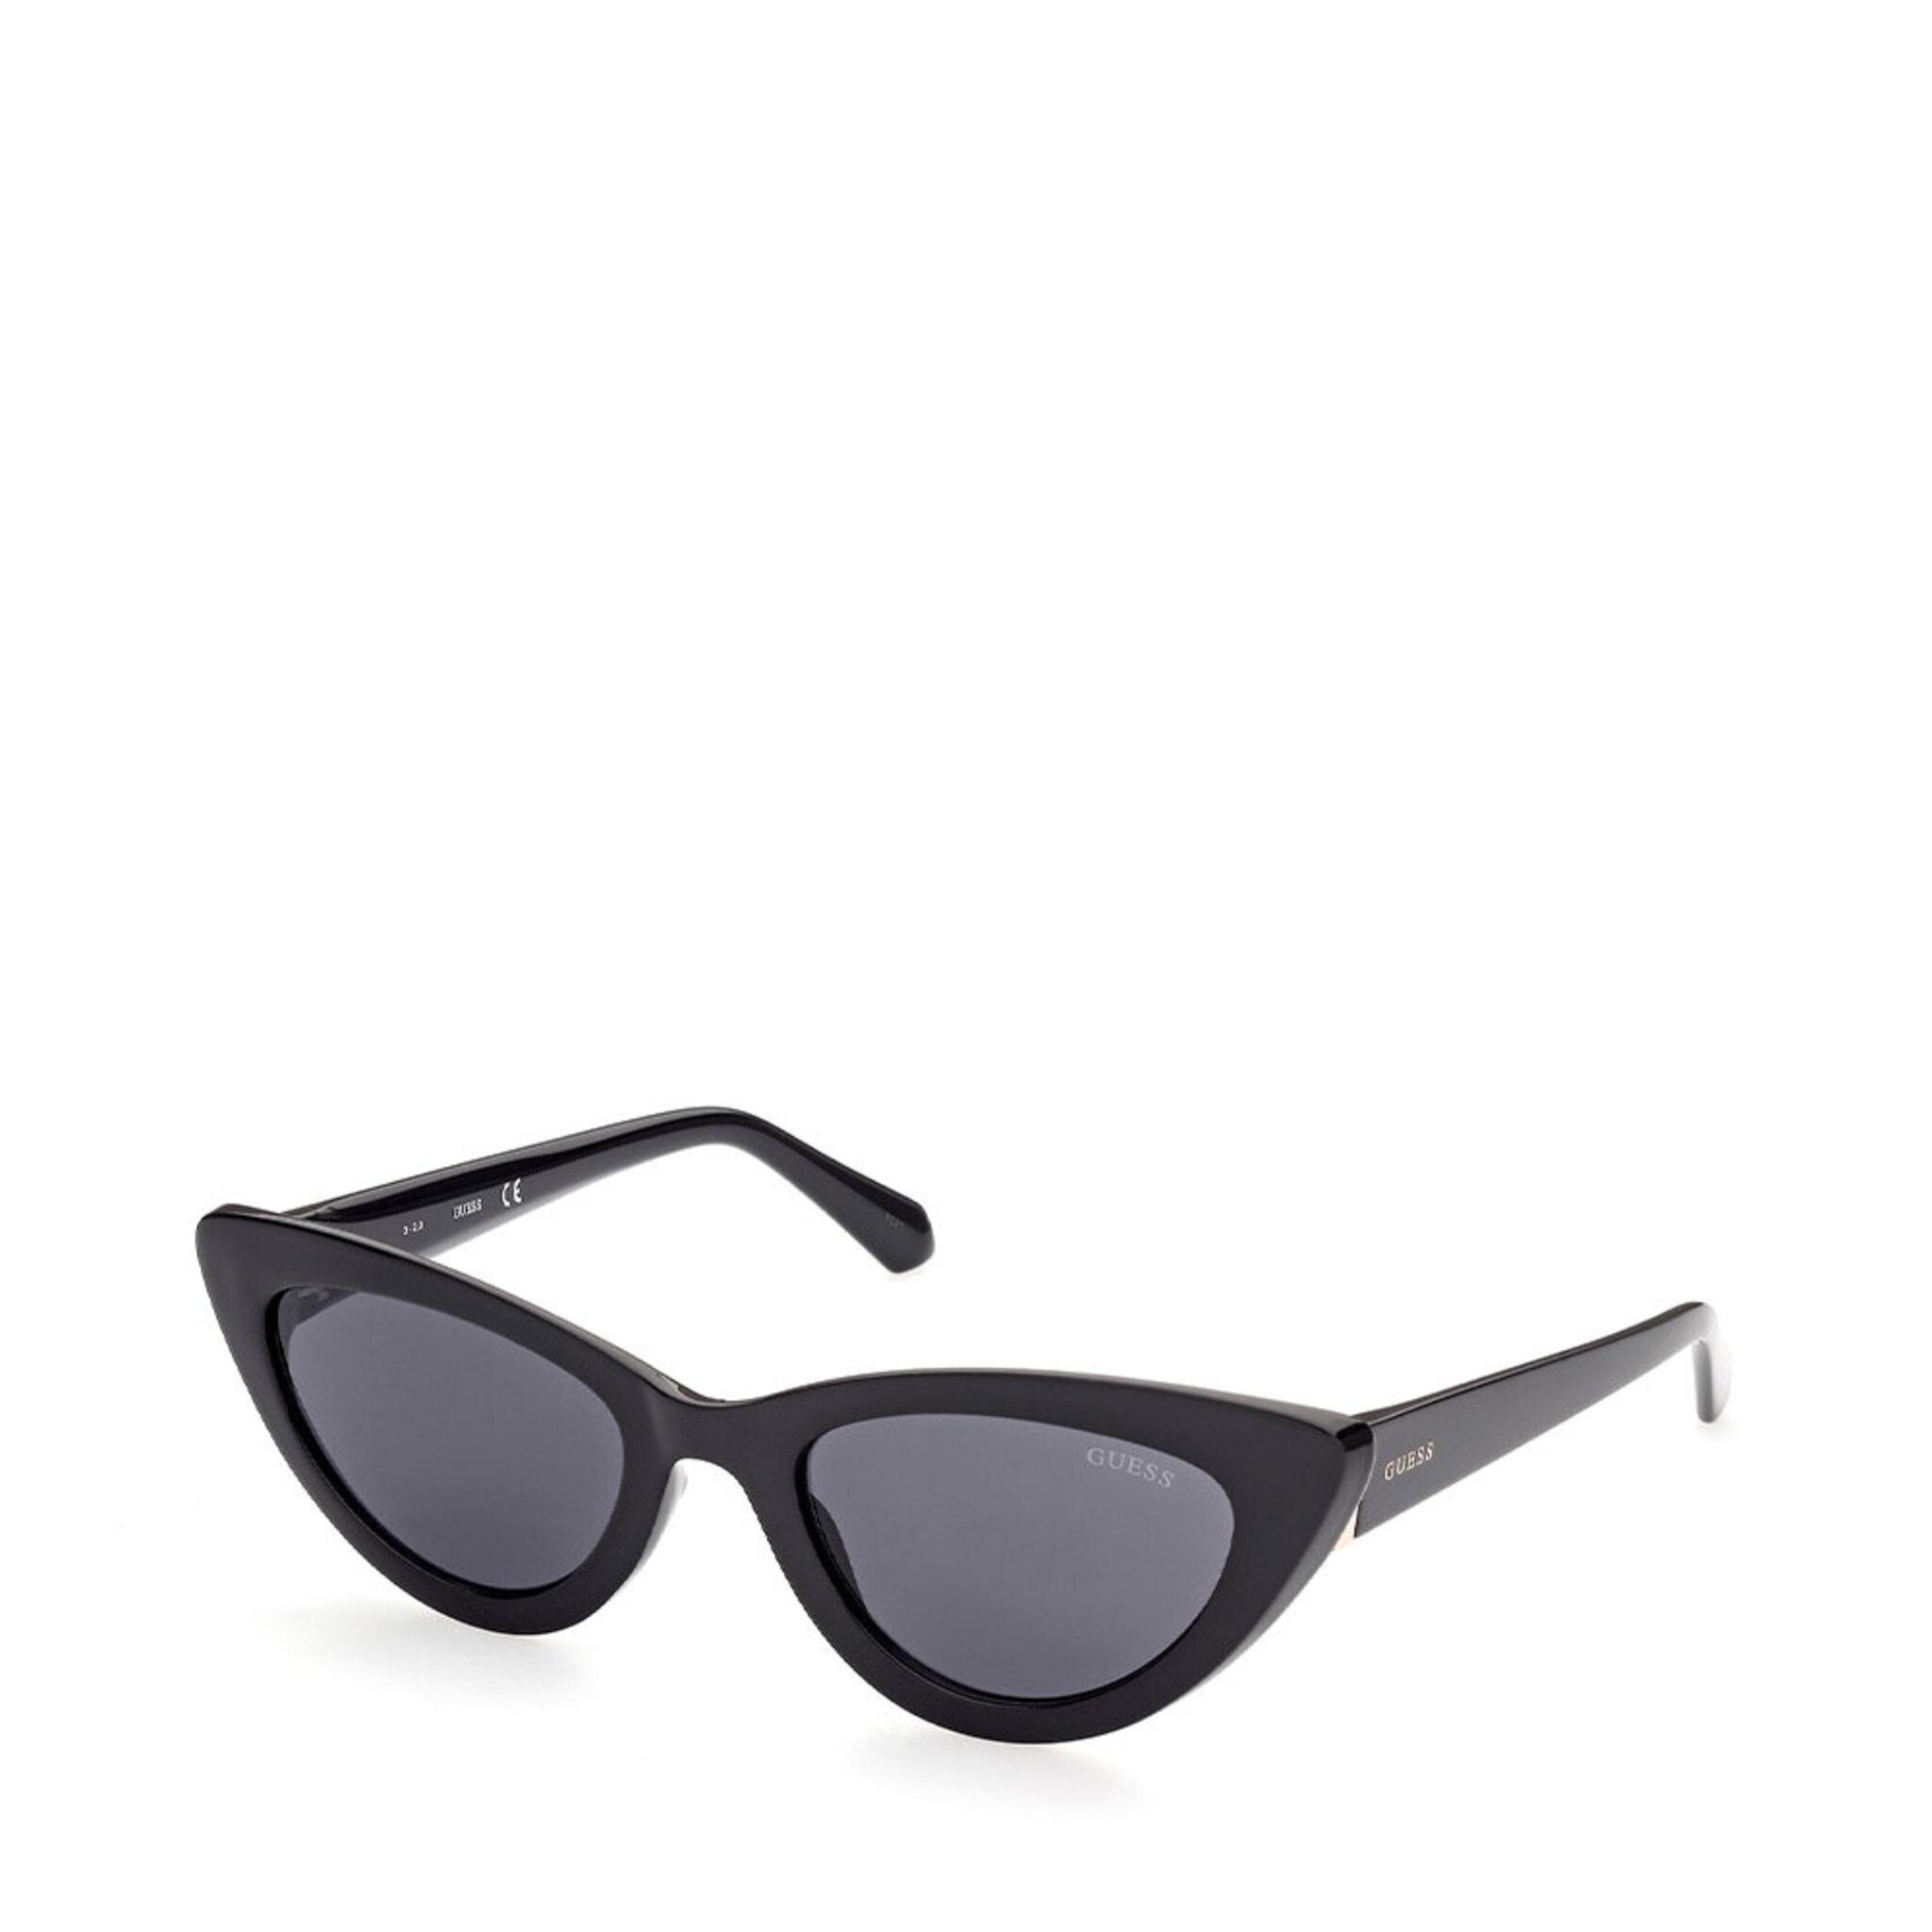 Sunglasses GU7811, 54